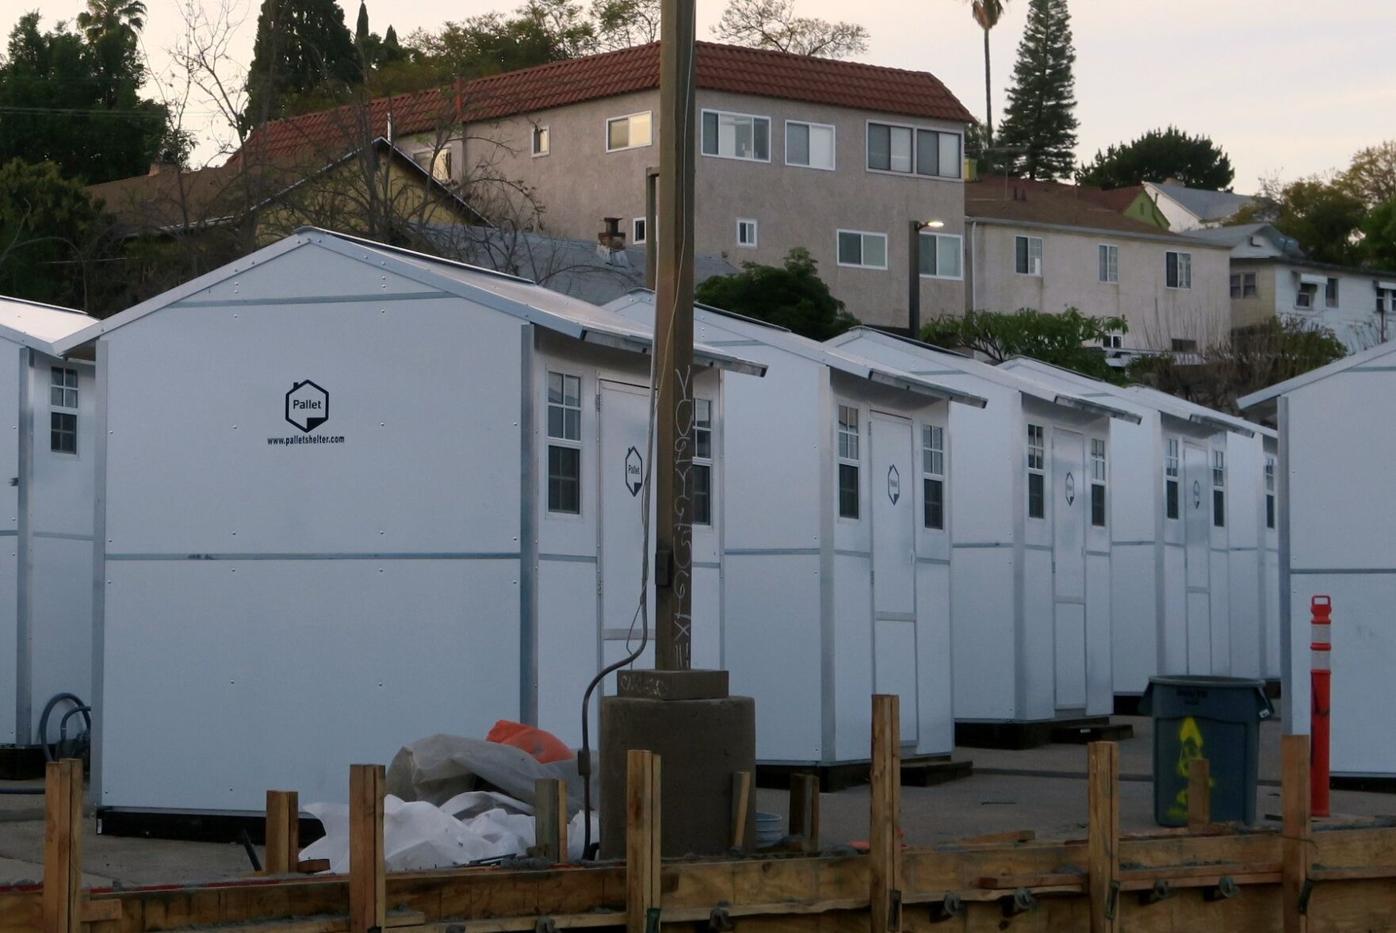 Pallet Homes Echo Park